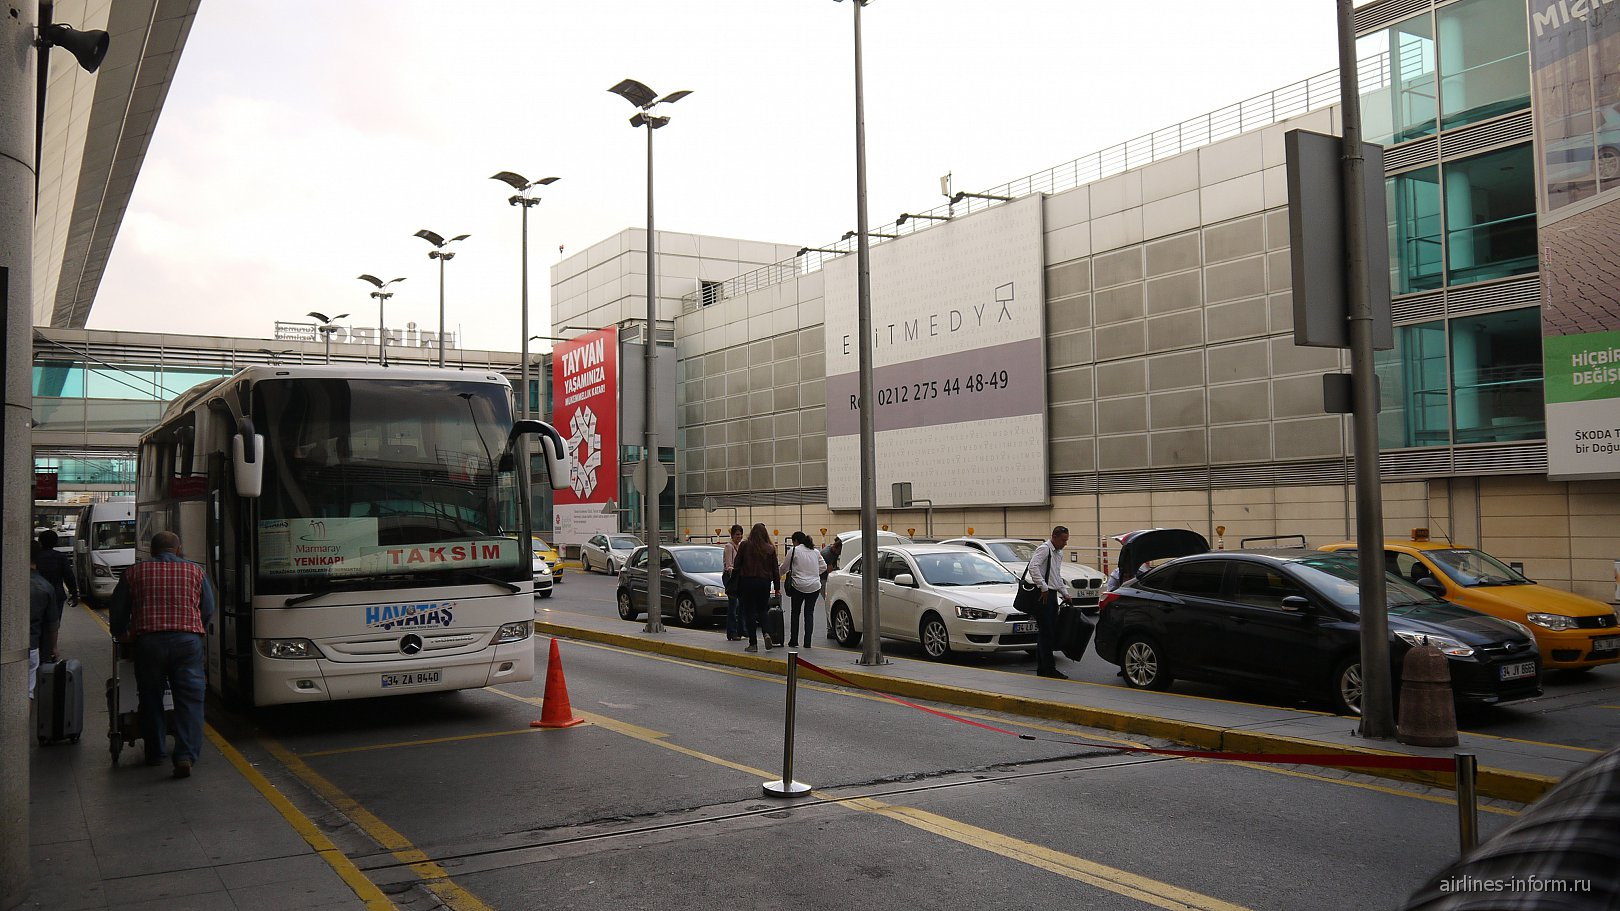 Автобус из аэропорта имени Ататюрка в центр Стамбула